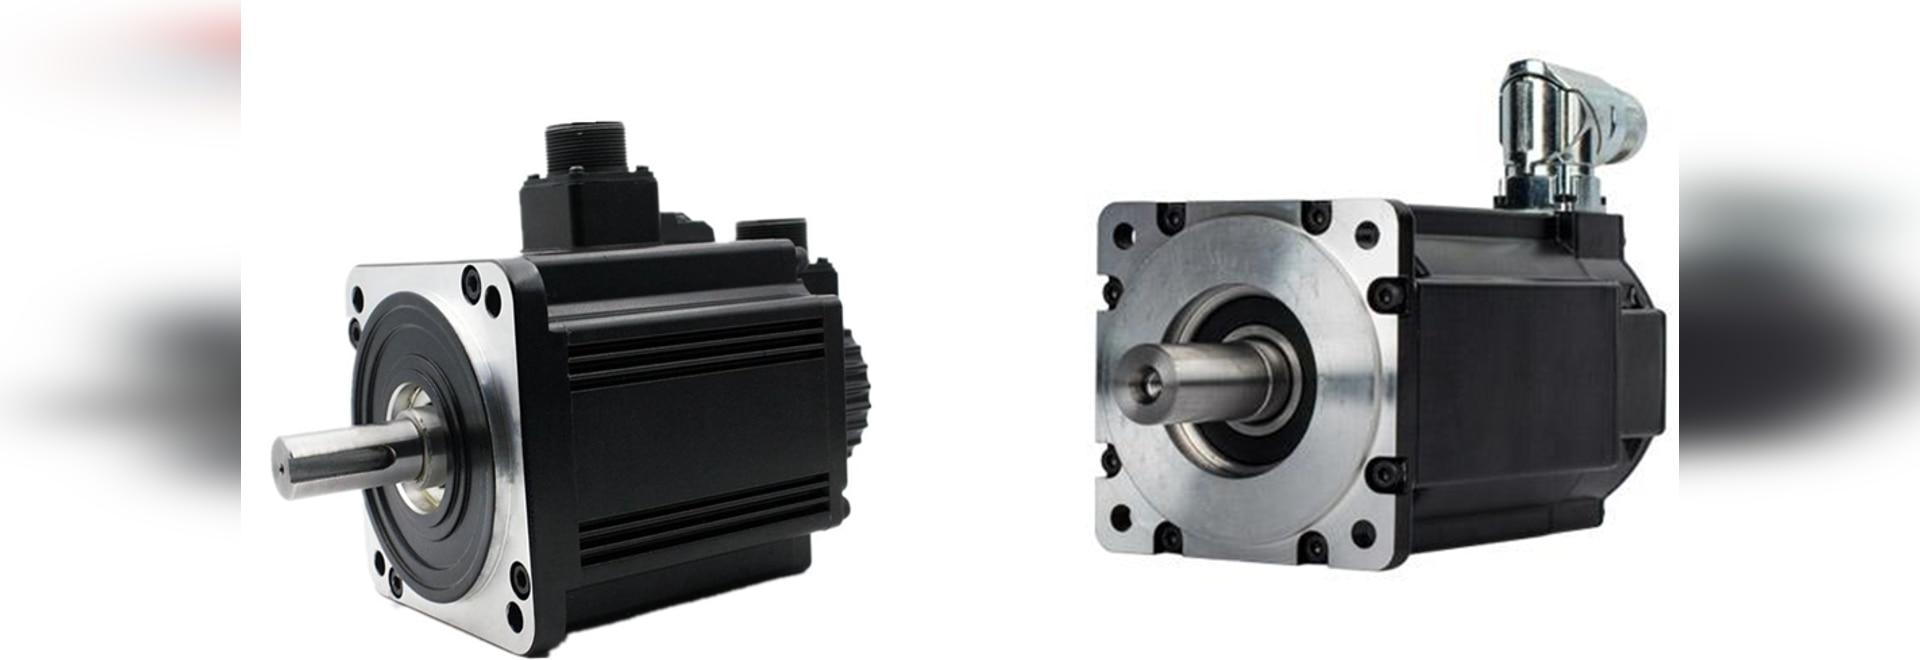 System aus Servomotor und Spindelhubgetriebe